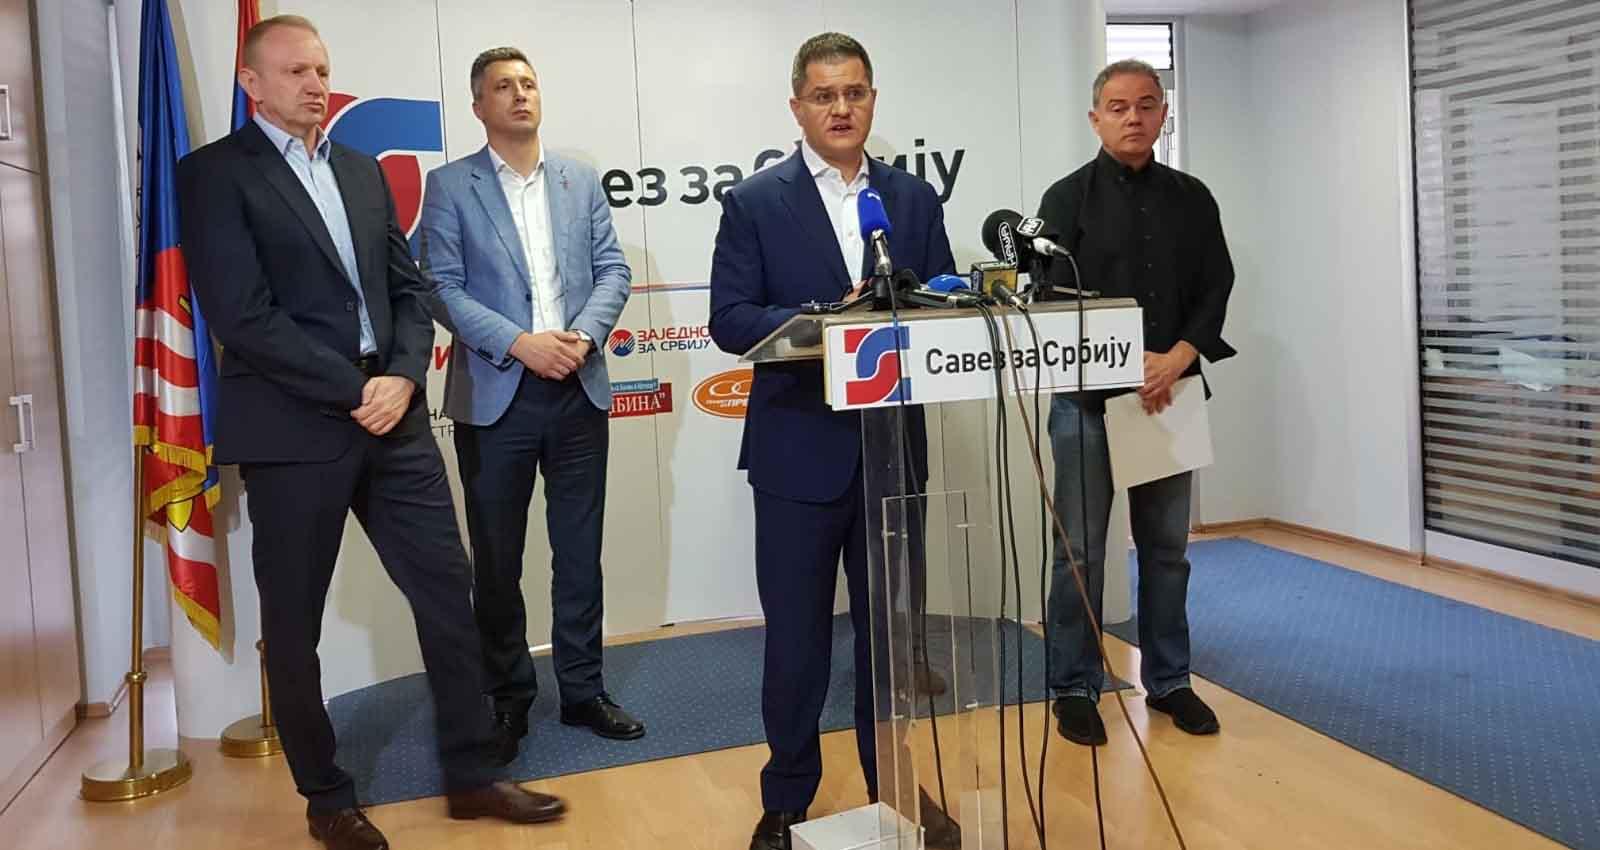 Јеремић: Српска дипломатија je сведена на сервисирање култа личности